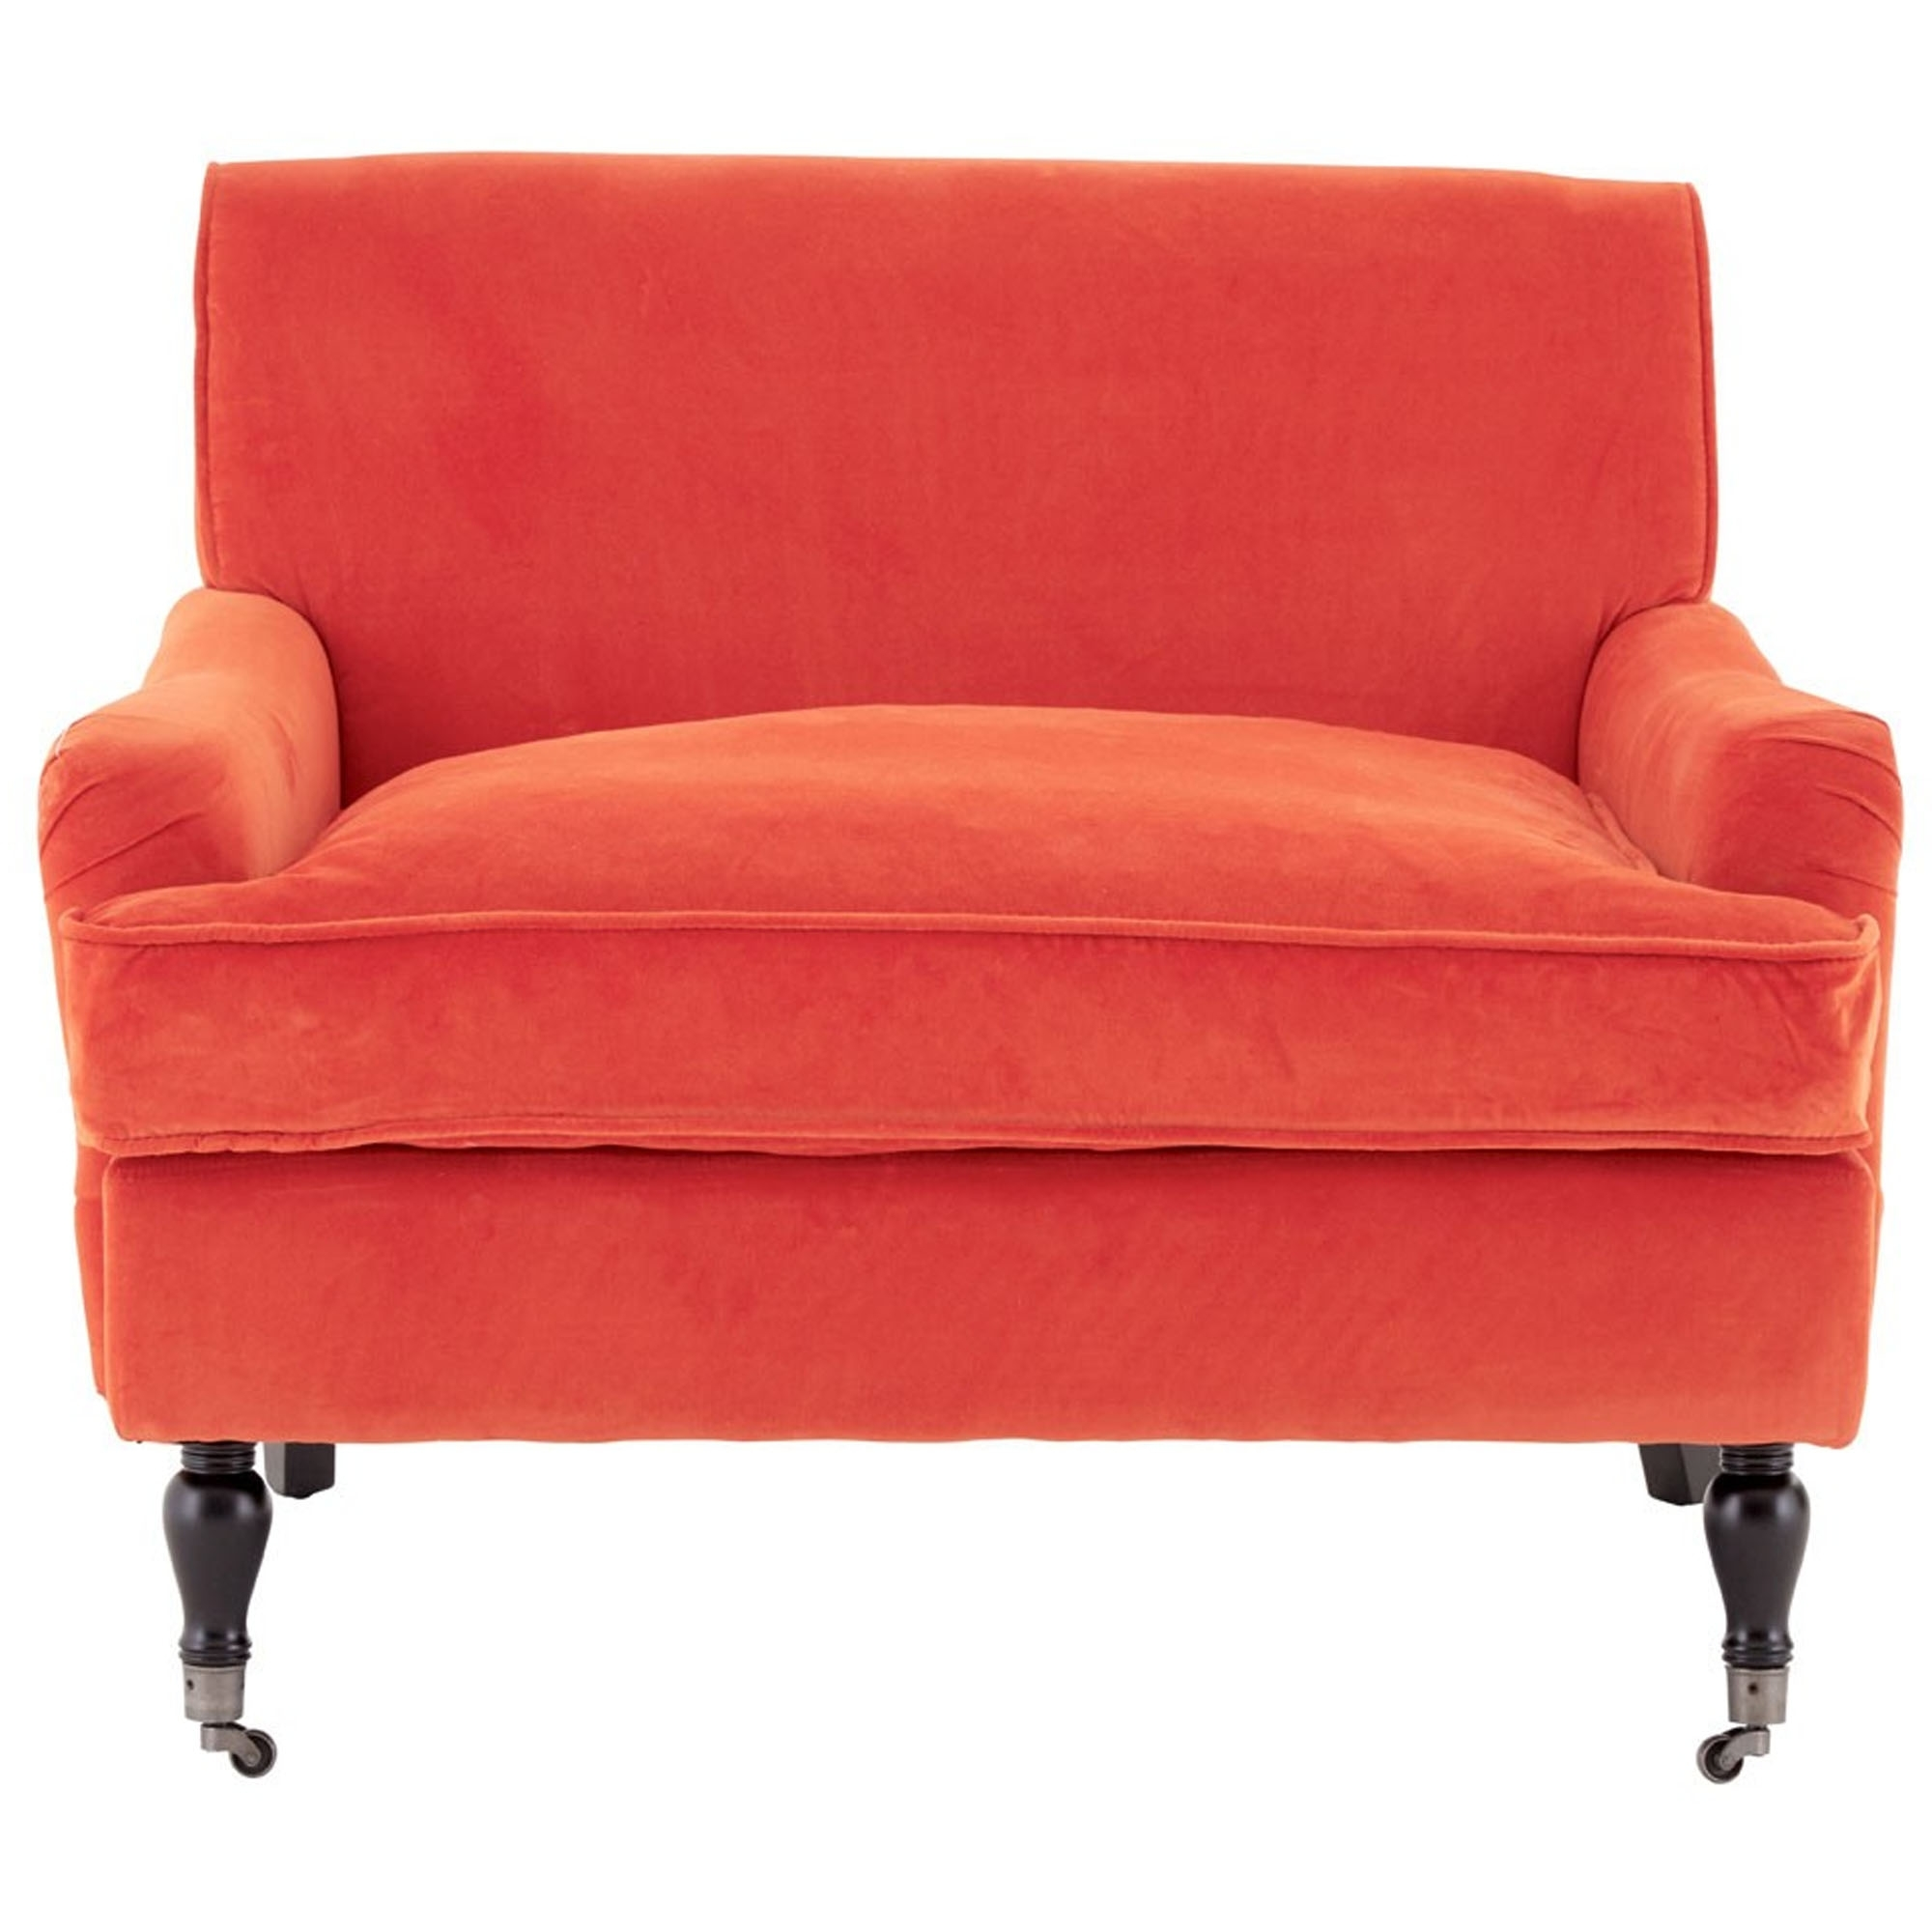 Large Orange Plush Velvet Chair | Modern & Contemporary ...